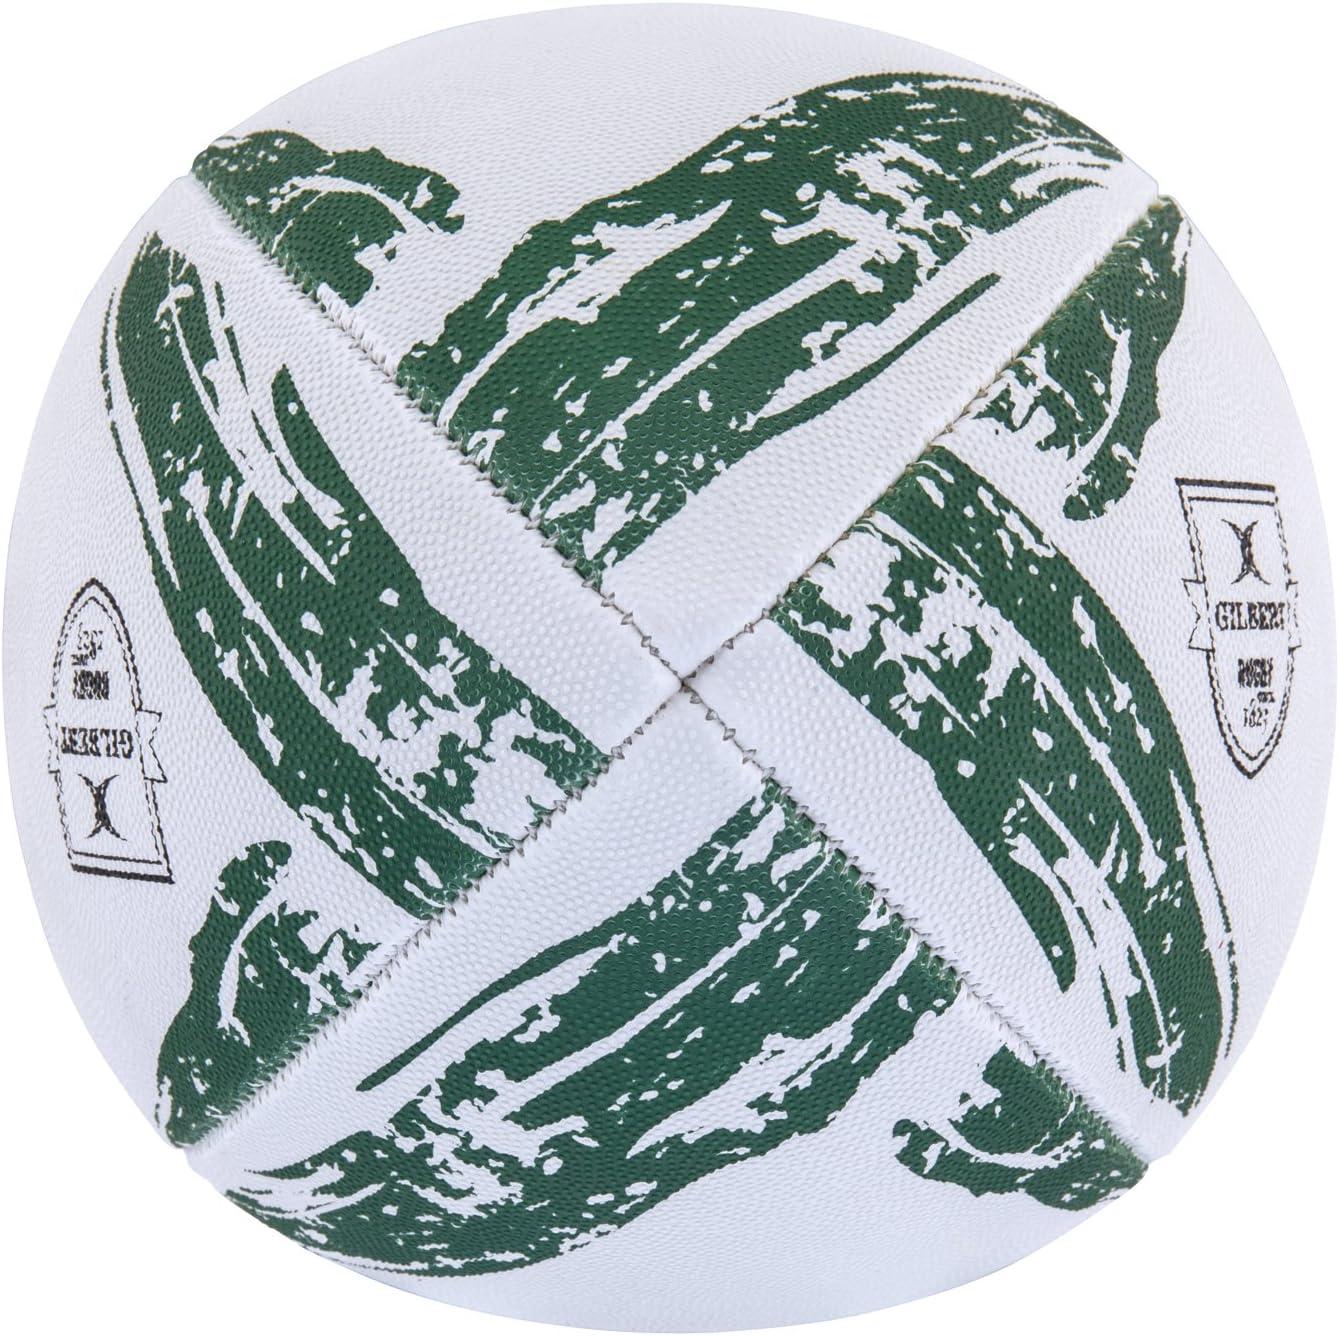 Gilbert Ireland Ballon de Soutien